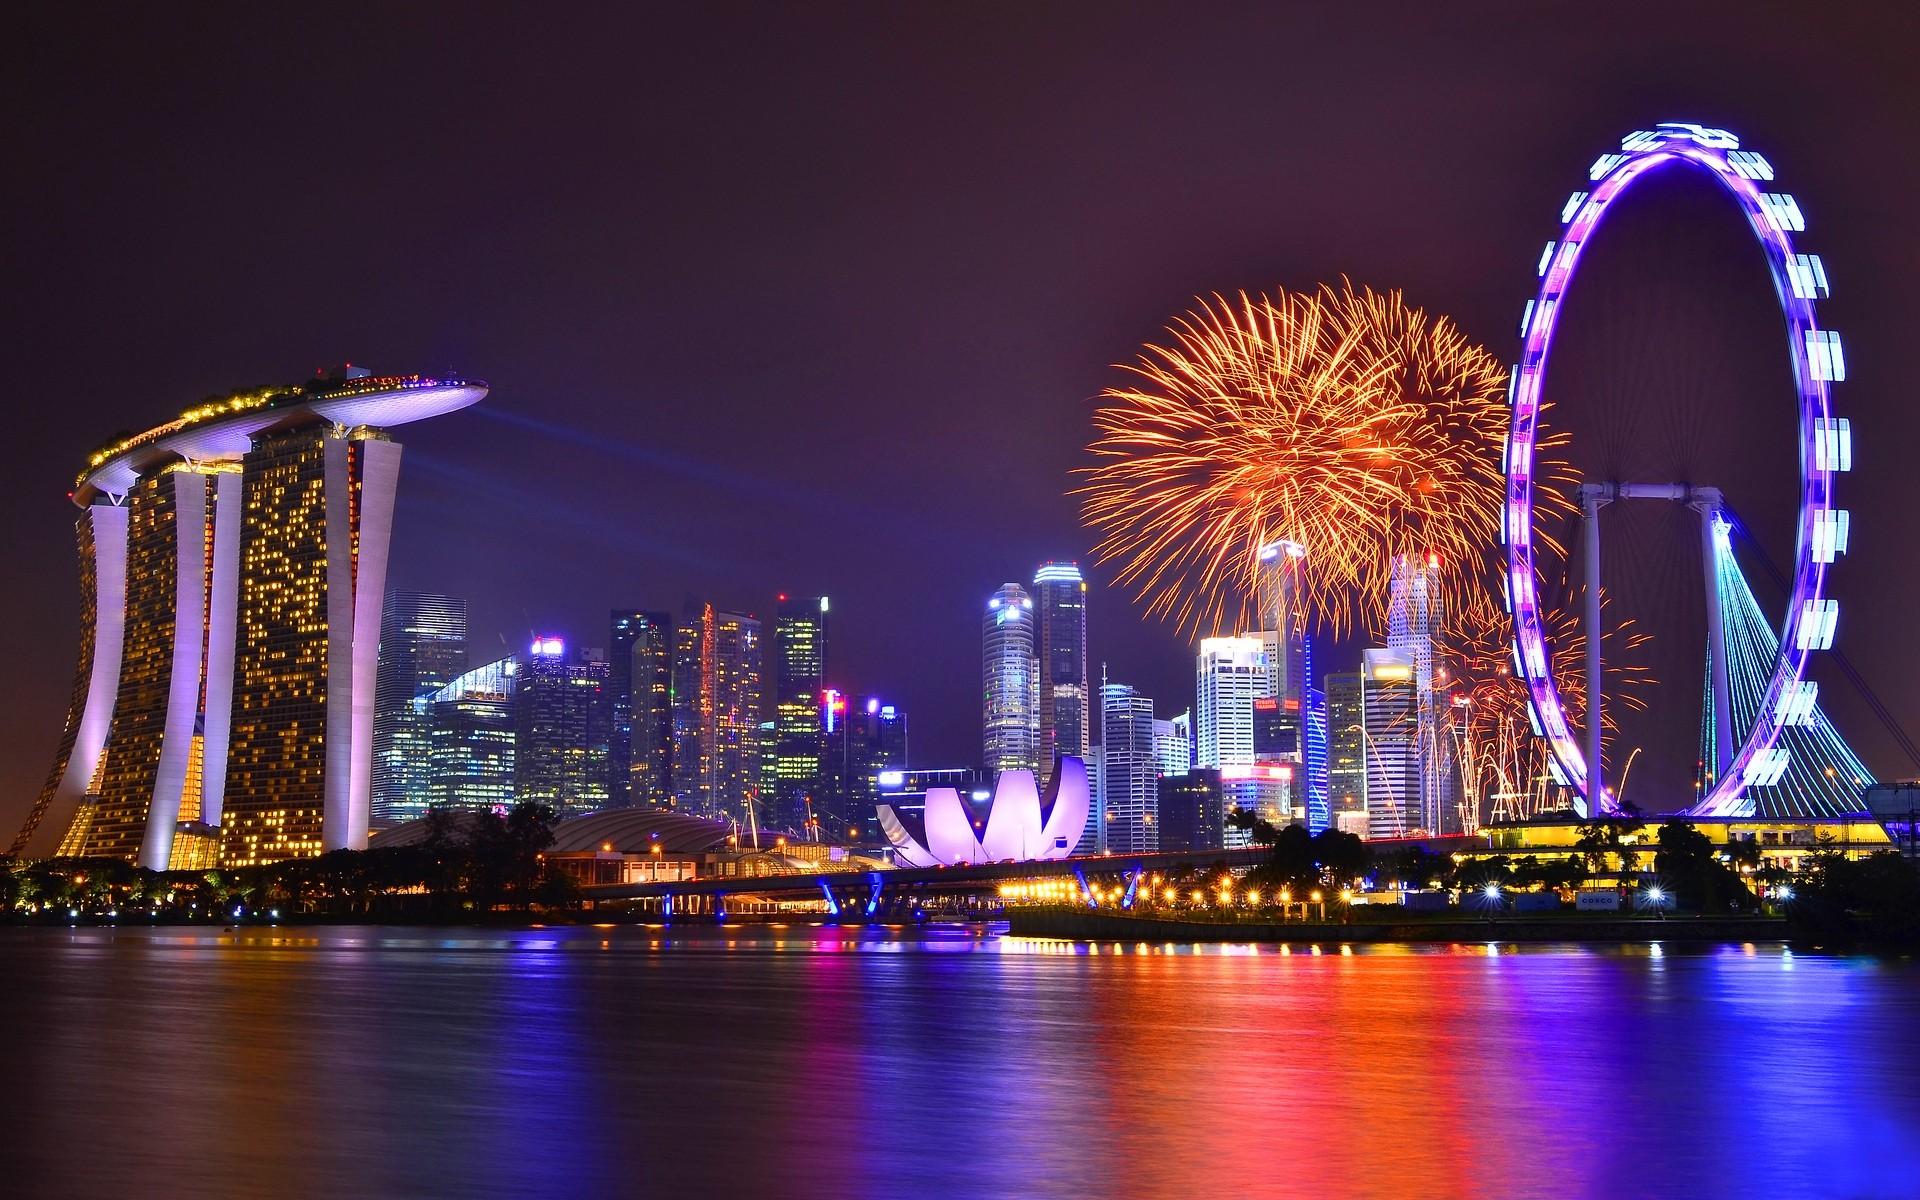 страны архитектура Сингапур ночь  № 1475990 загрузить